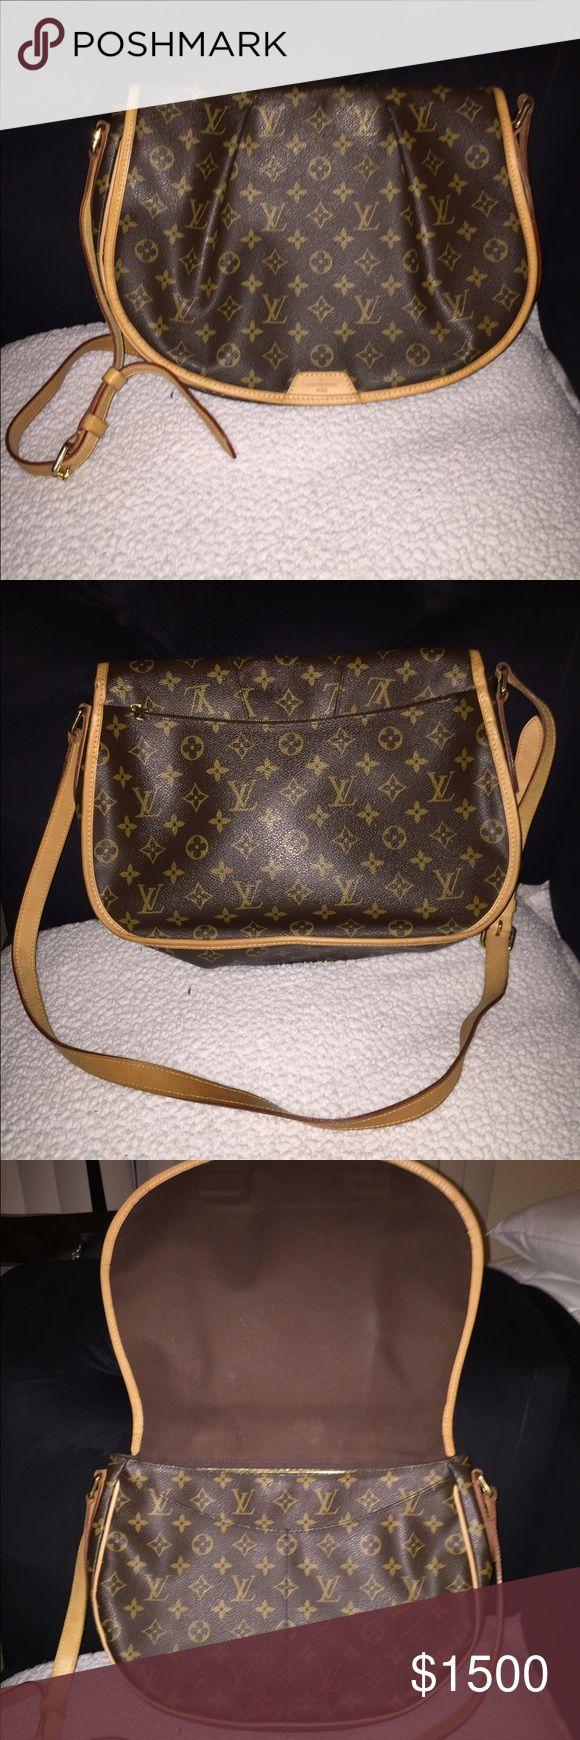 Authentic Louis Vuitton Menilmontant MM Authentic Louis Vuitton Menilmontant MM.  9/10 condition. Louis Vuitton Bags Crossbody Bags